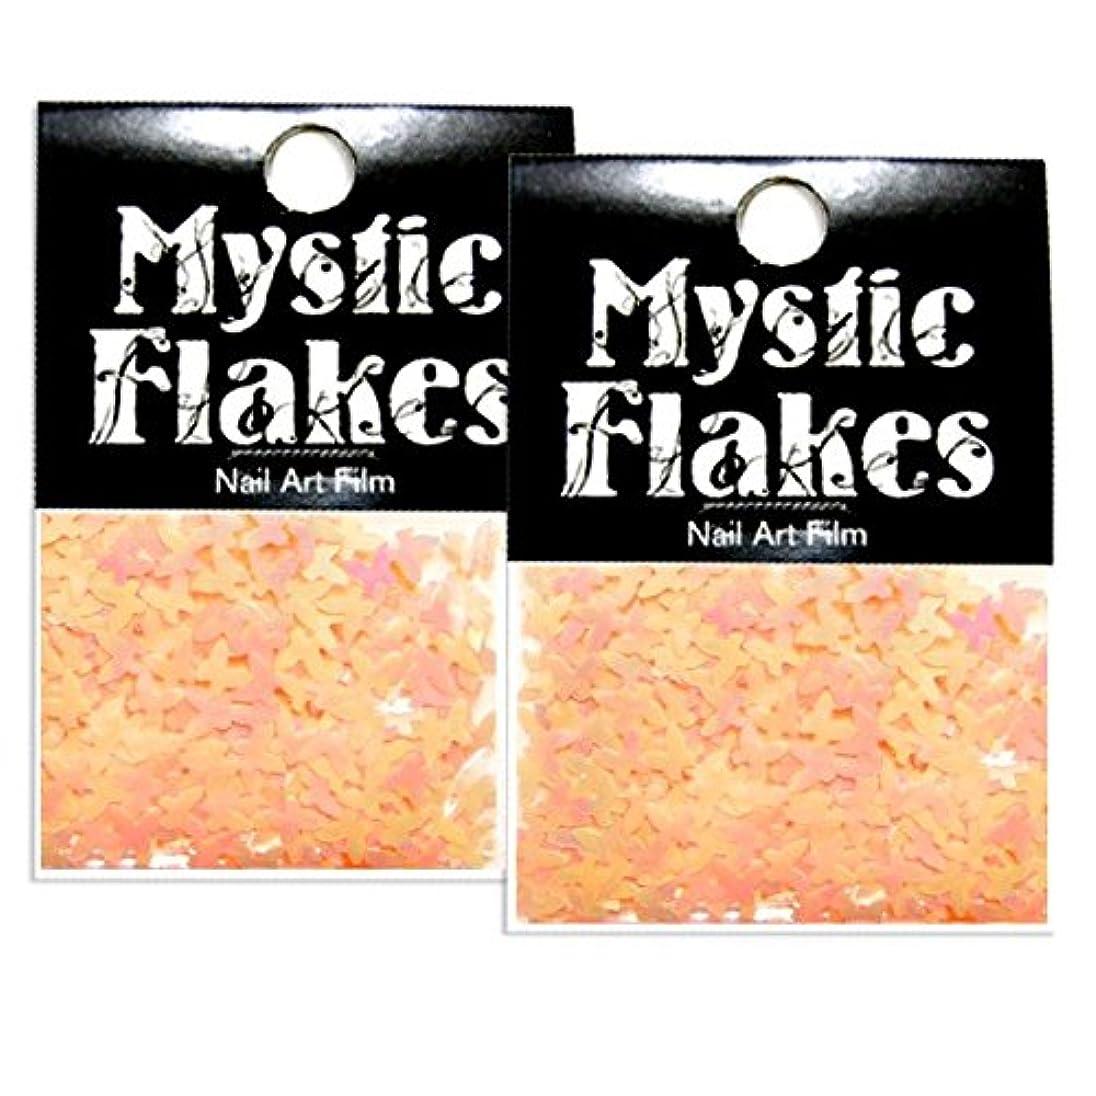 終点味わう八百屋ミスティックフレース ネイル用ストーン ルミネオレンジ バタフライ 0.5g 2個セット